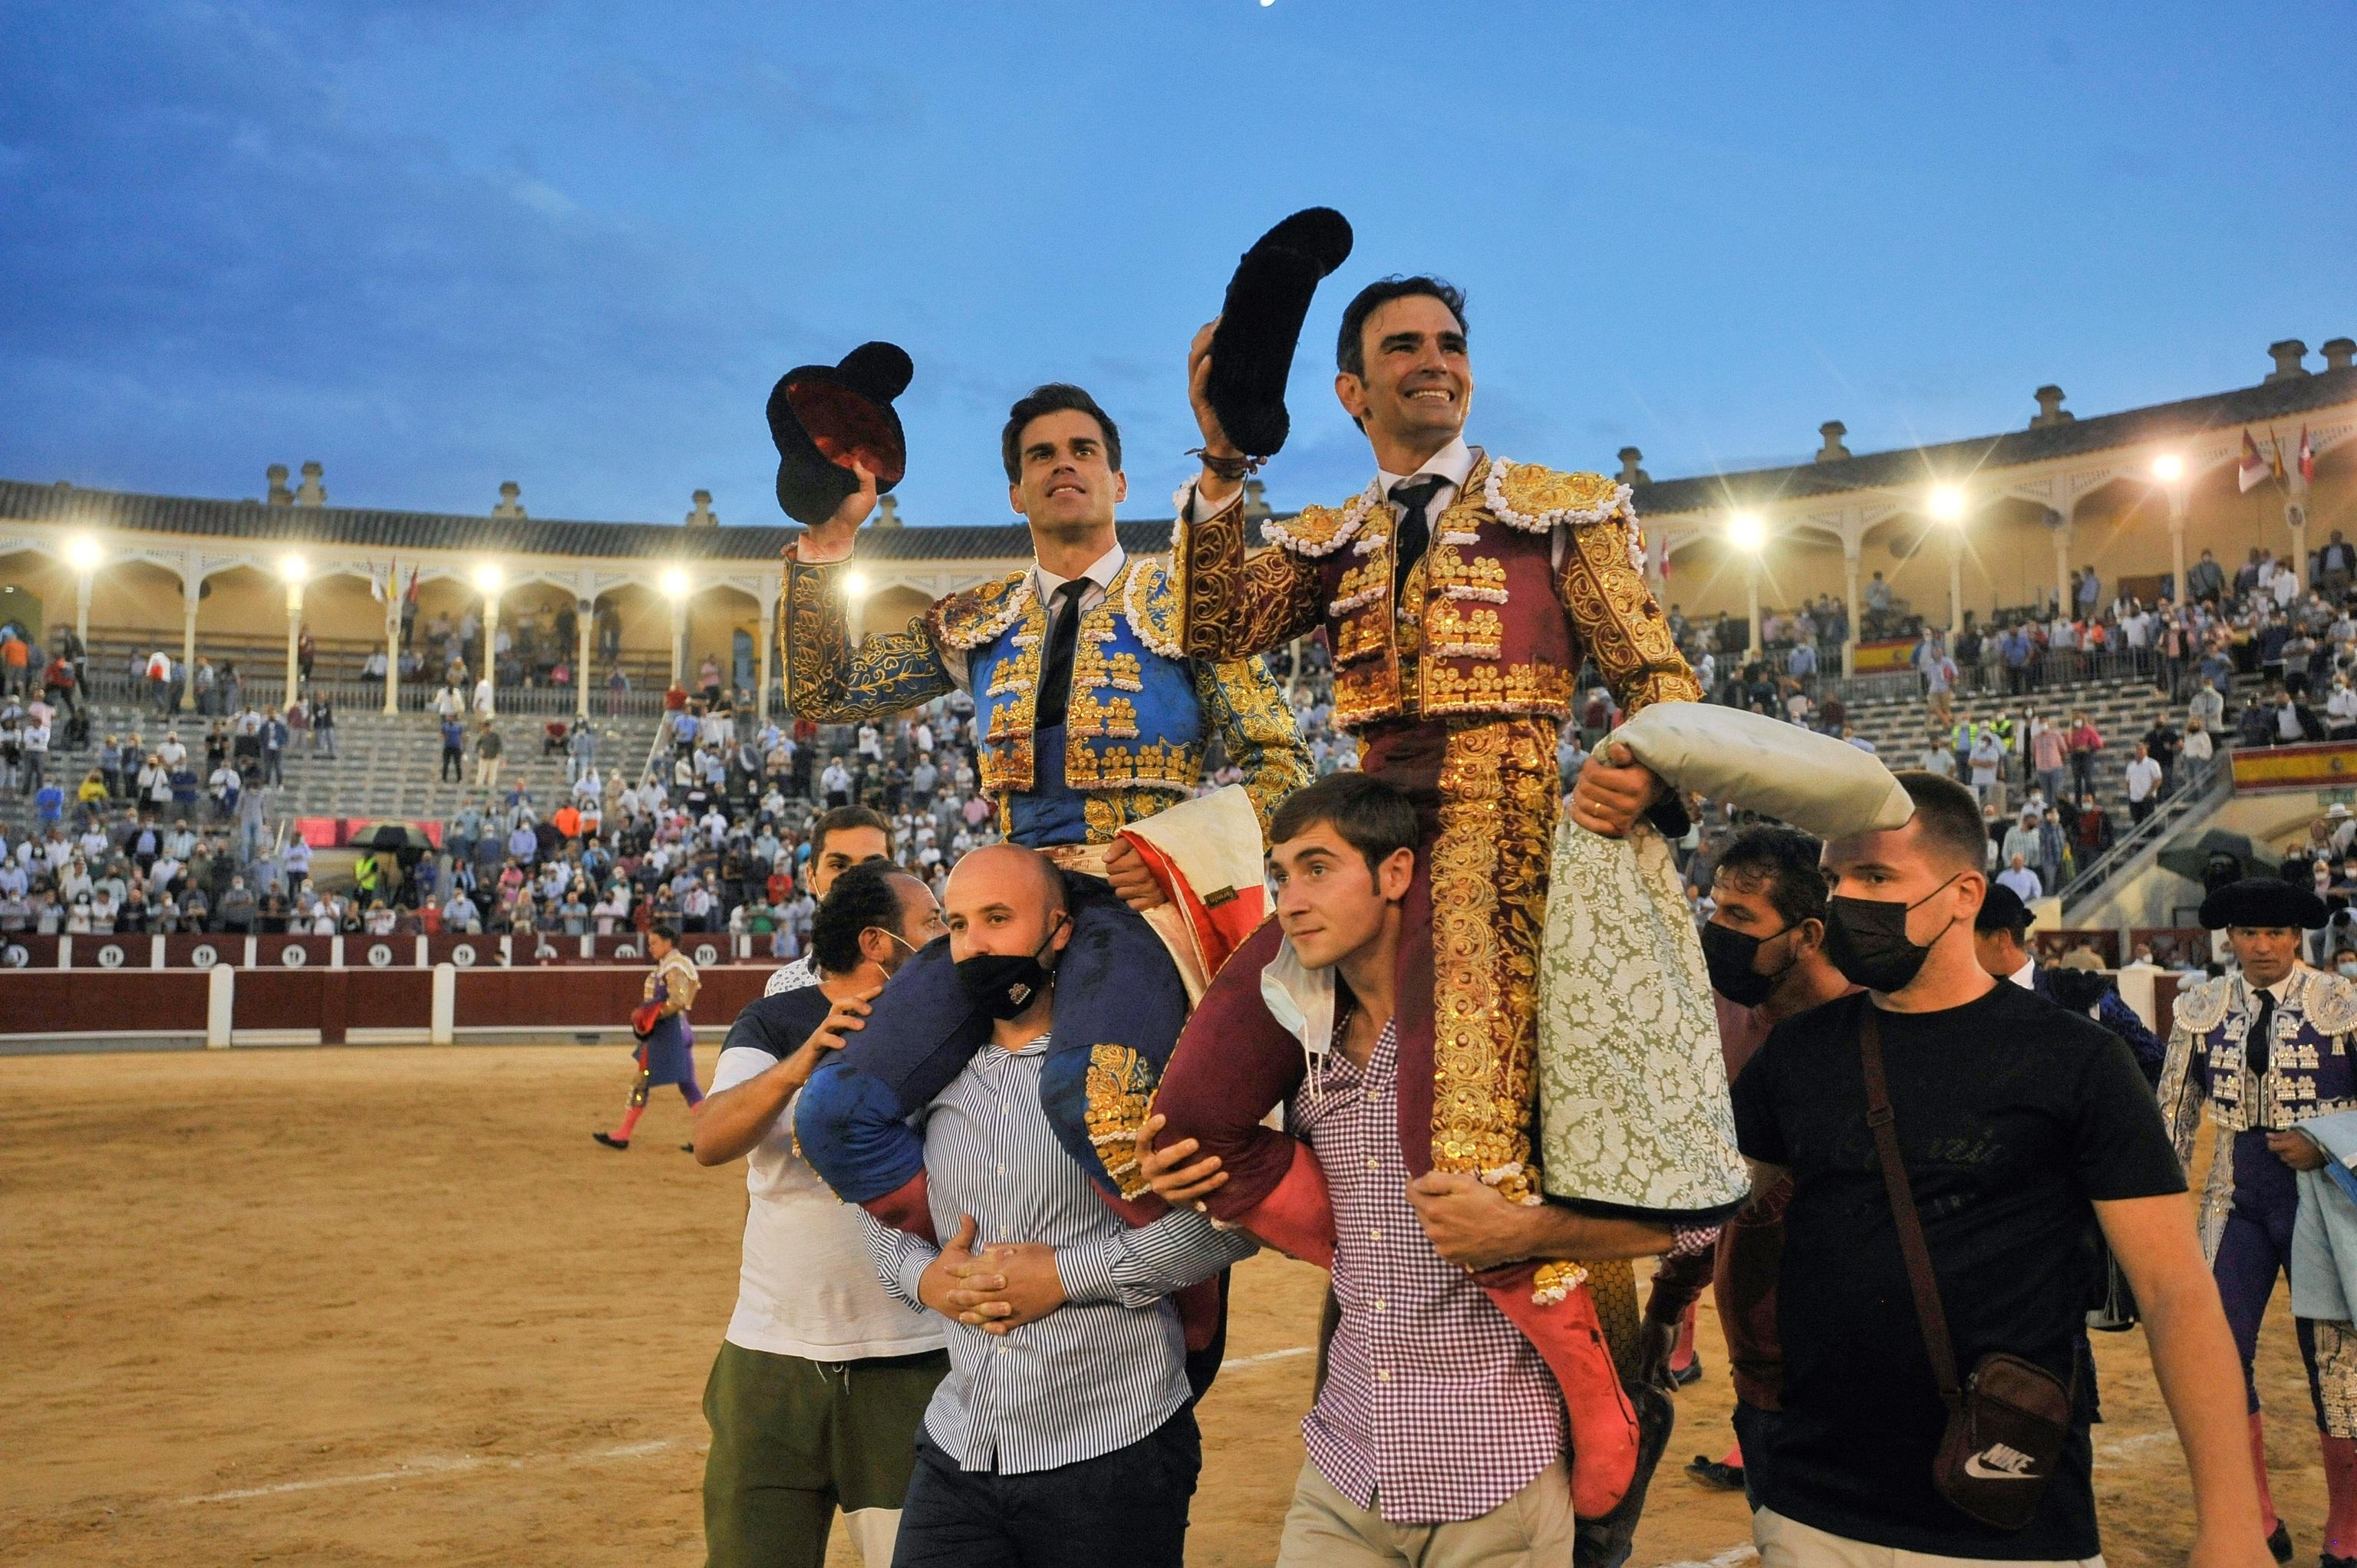 Emoción a raudales con Pinar, Serrano y un corridón de Victorino en el cierre de Albacete